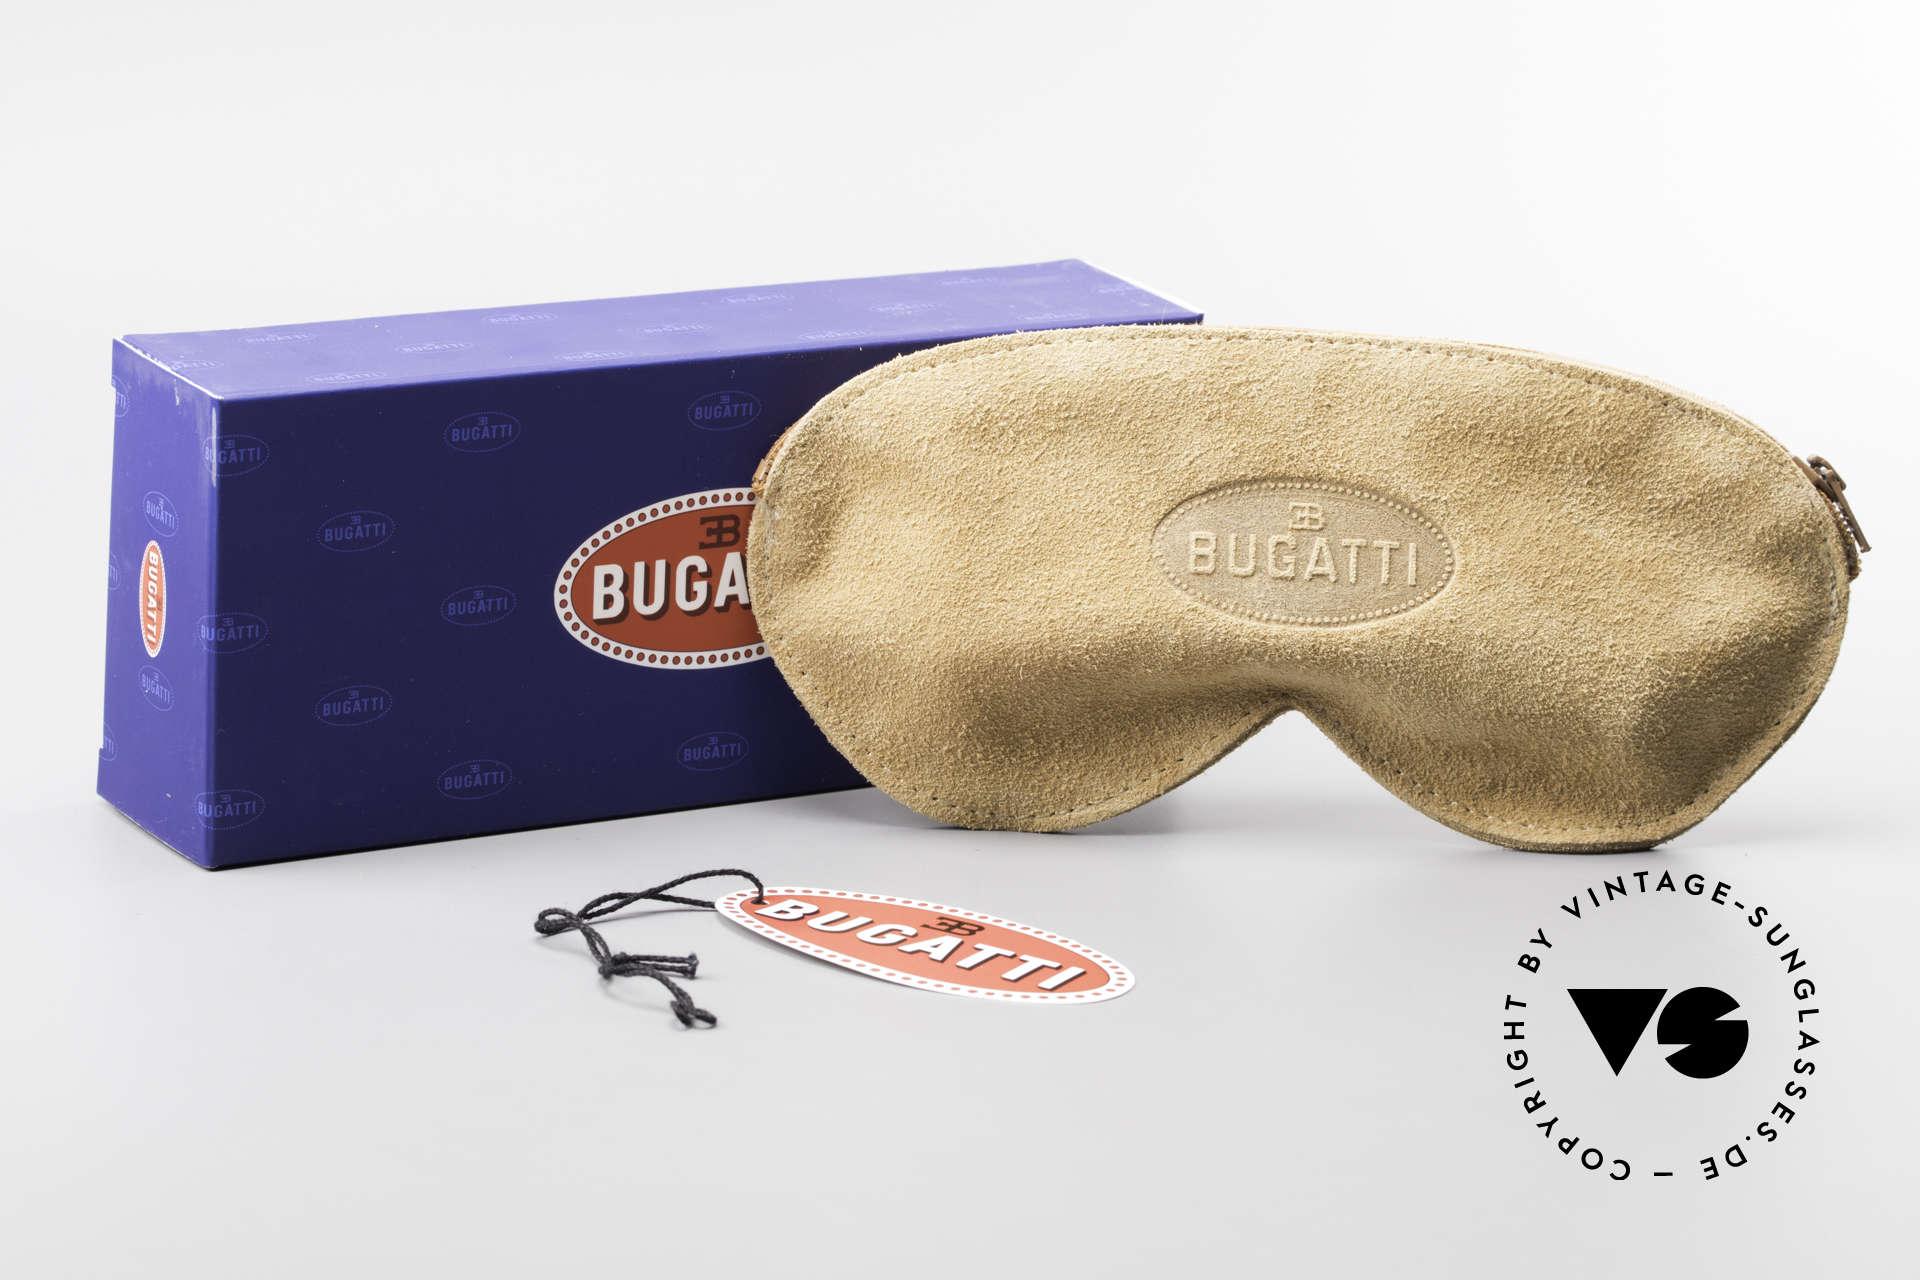 Bugatti 26619 Round Bugatti Panto Glasses, Size: medium, Made for Men